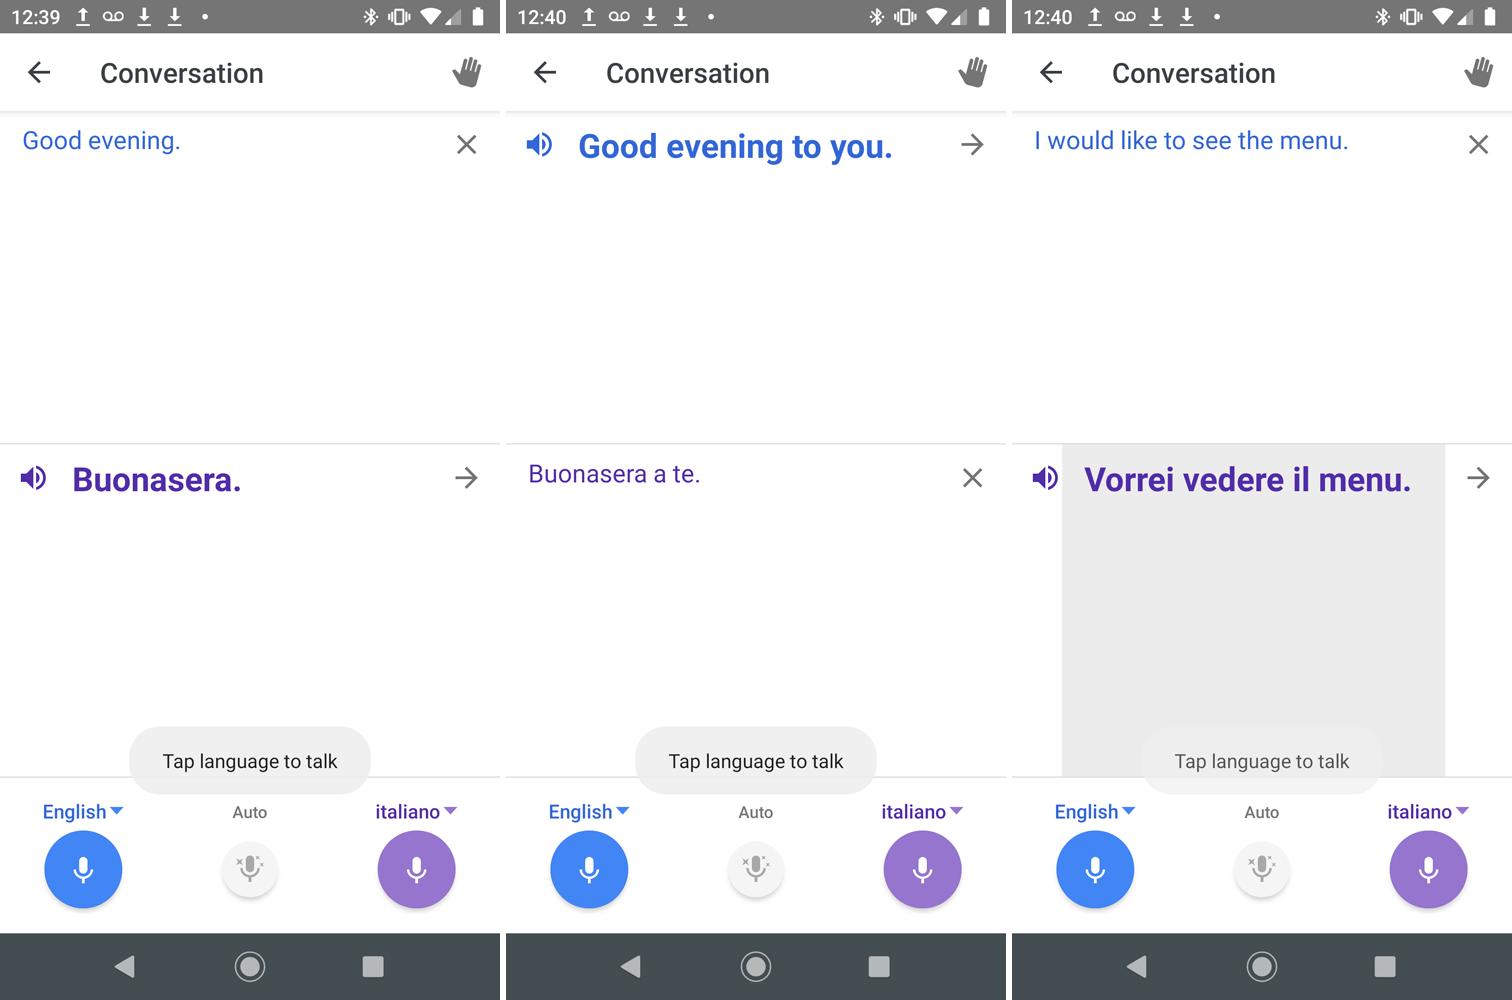 traductor de google traduciendo conversación